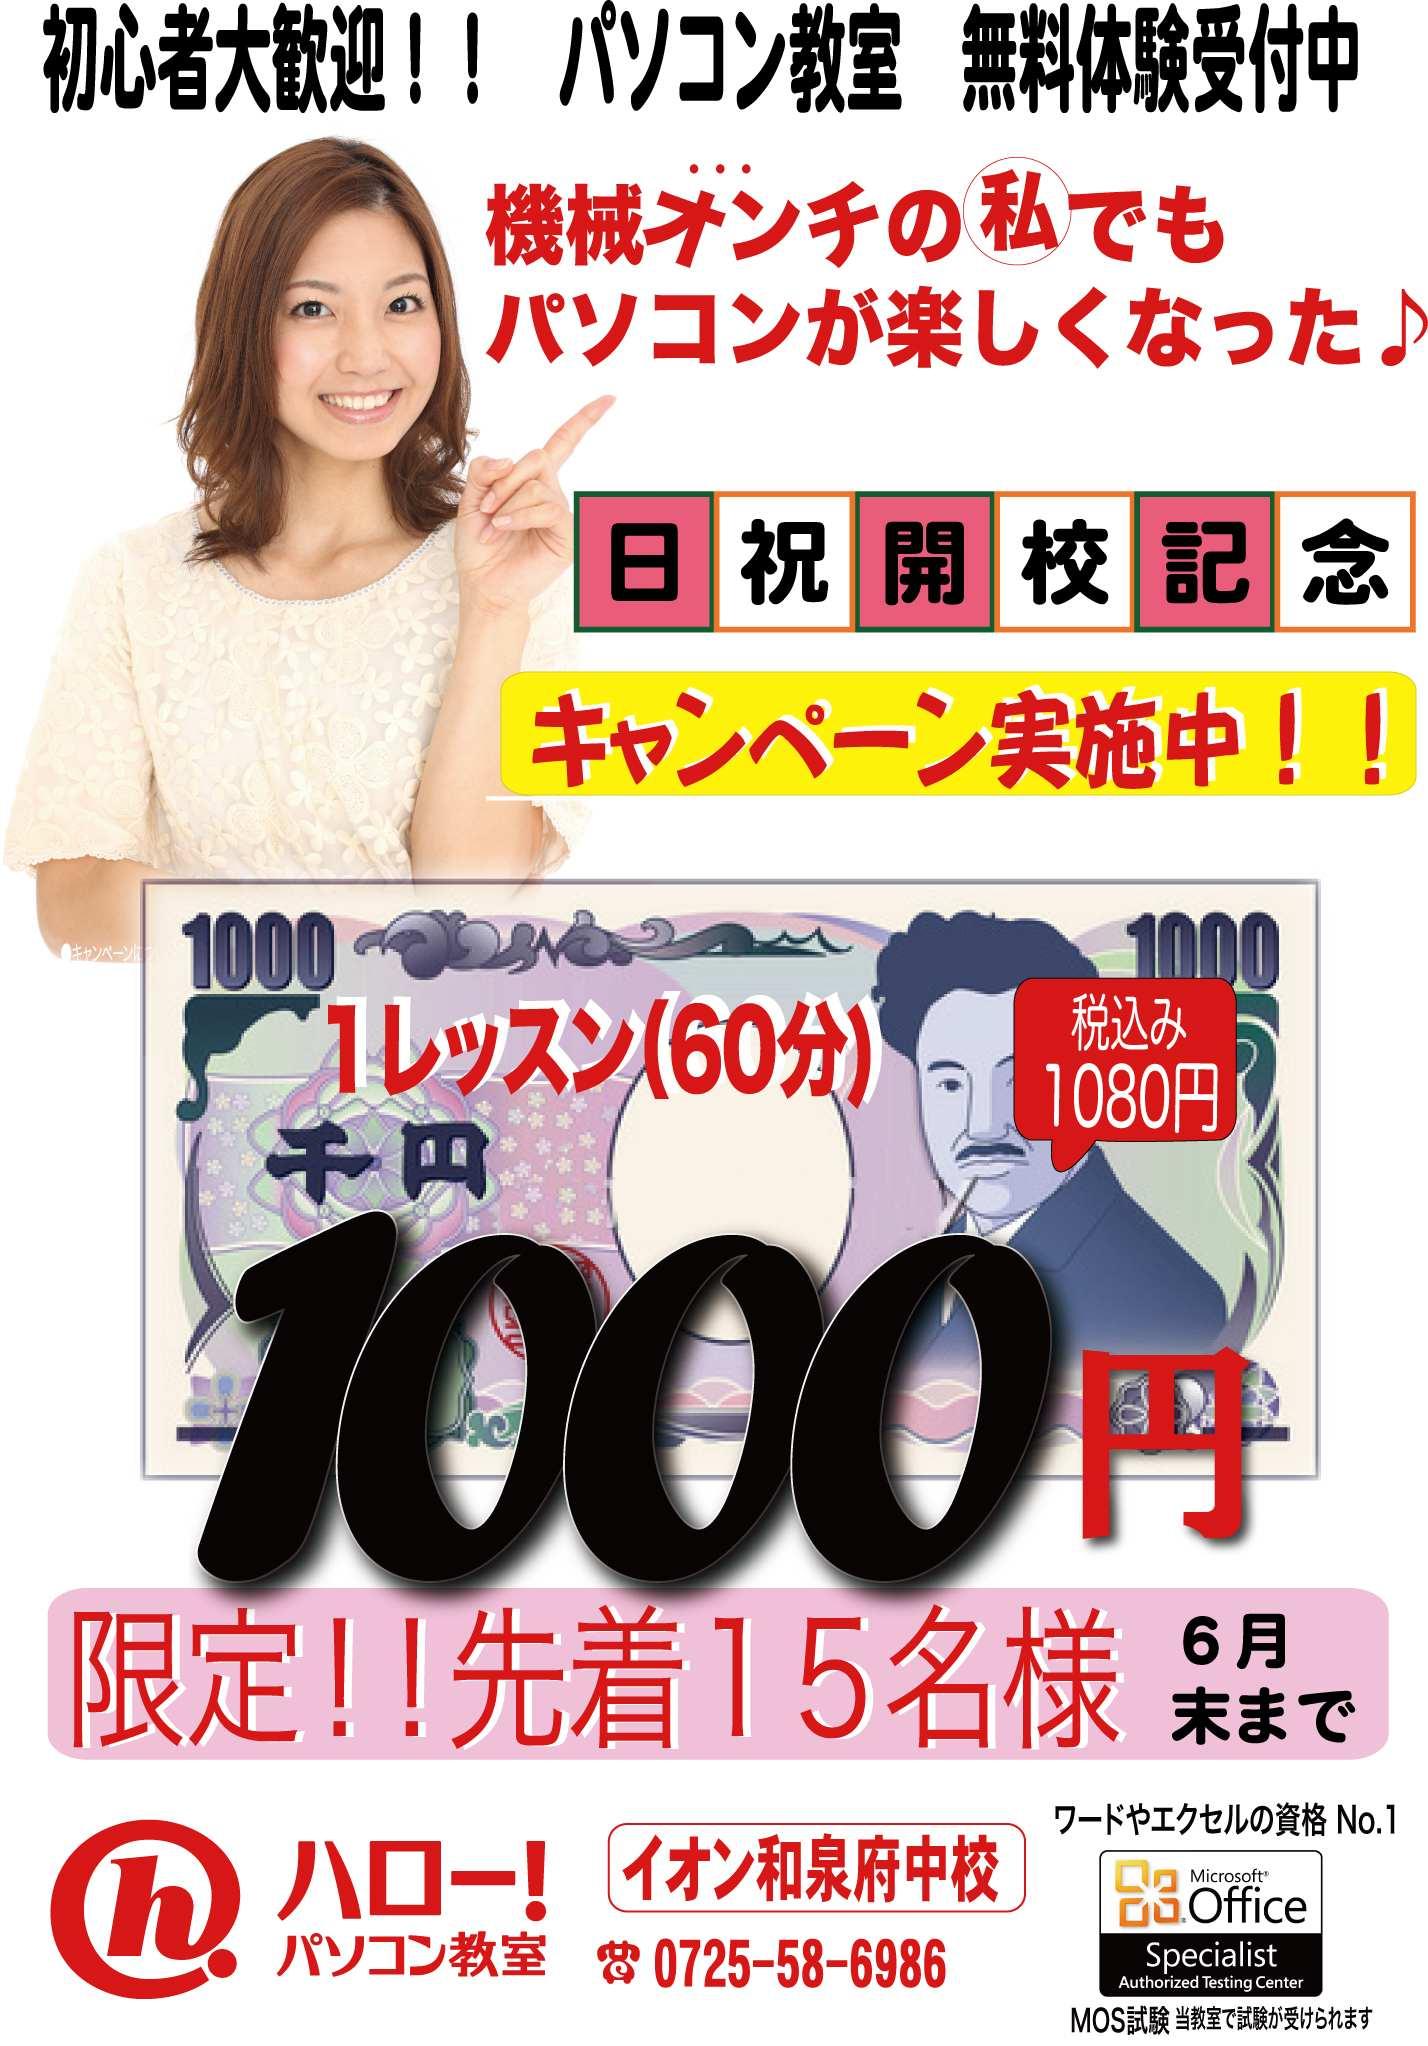 2014年6月  1000円キャンペーン